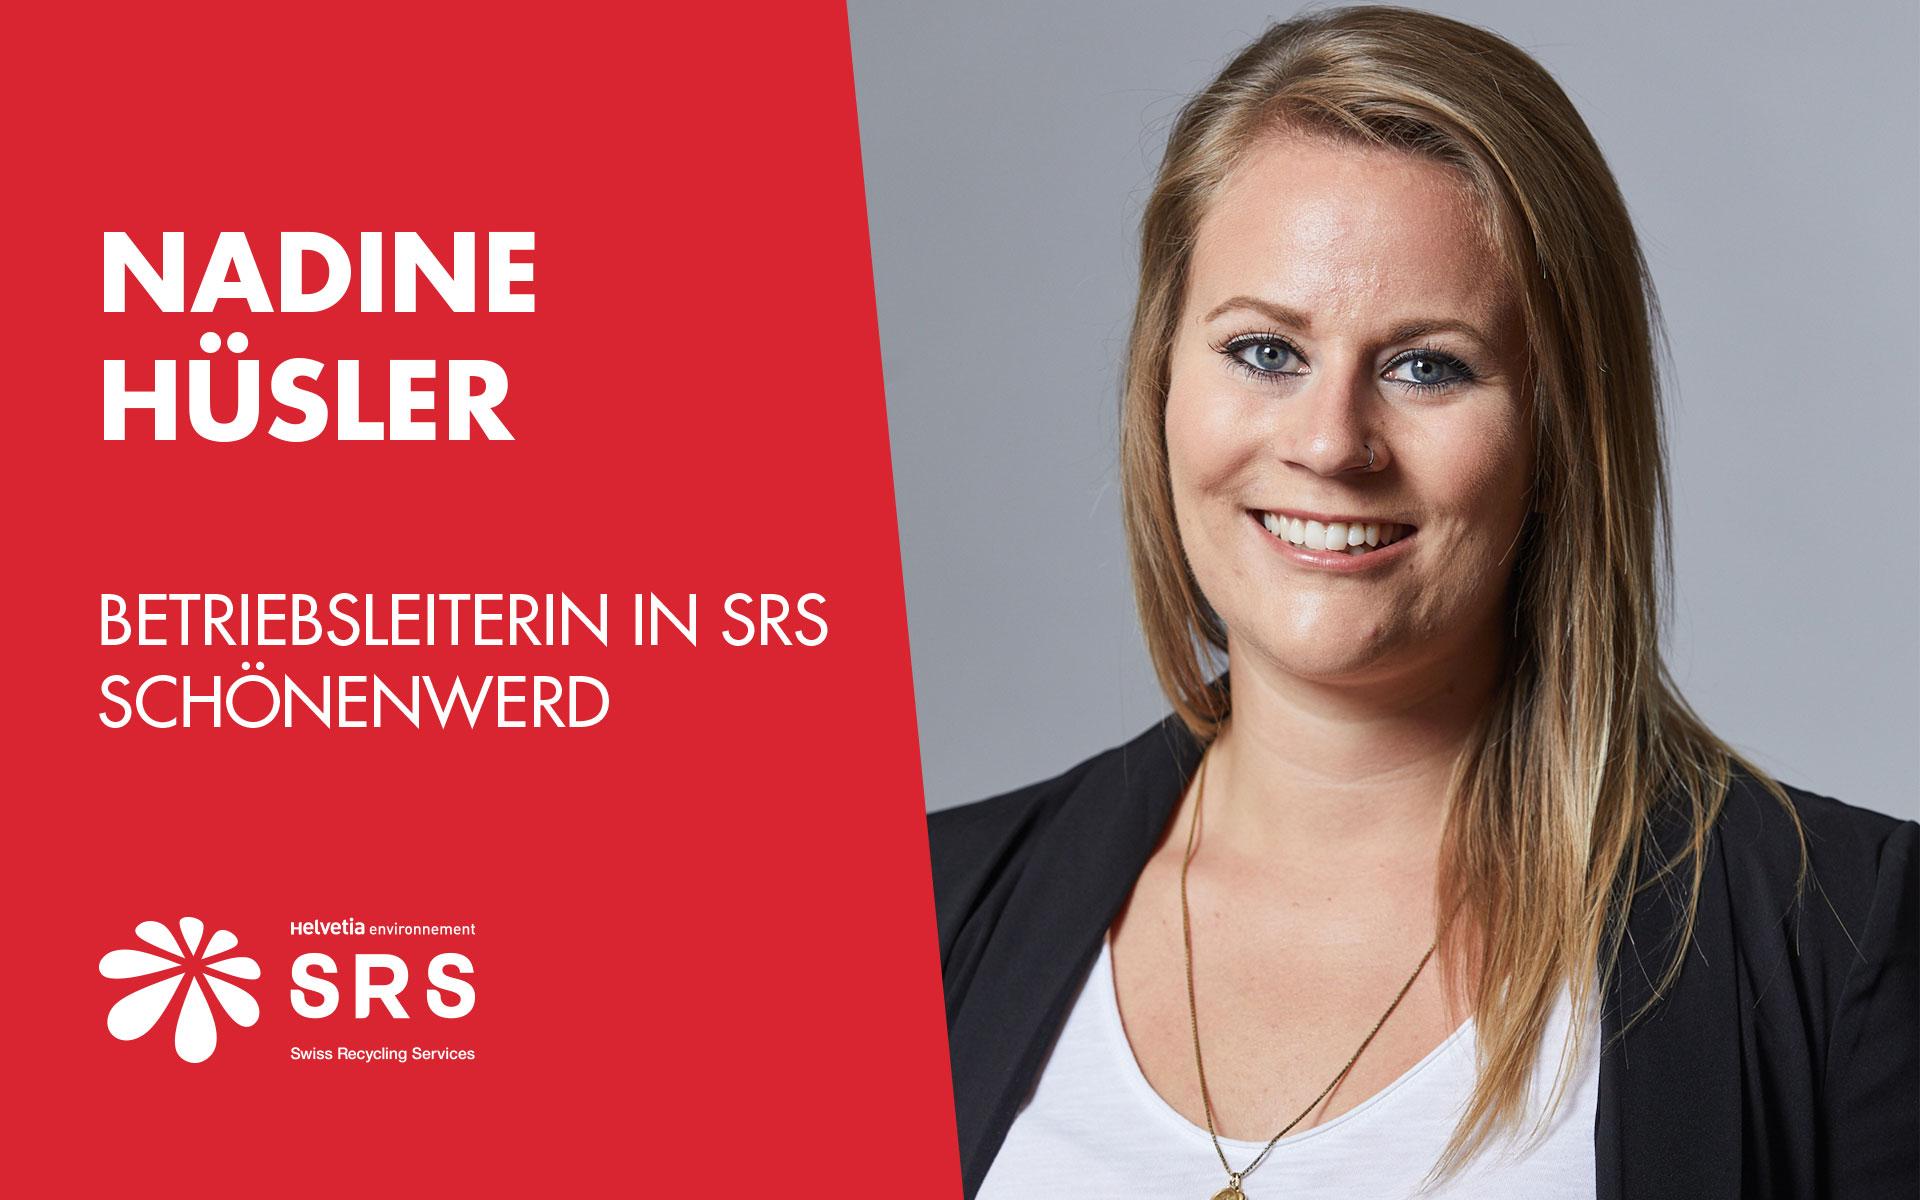 Interview mit Nadine Hüsler, Betriebsleiterin in SRS Schönenwerd,